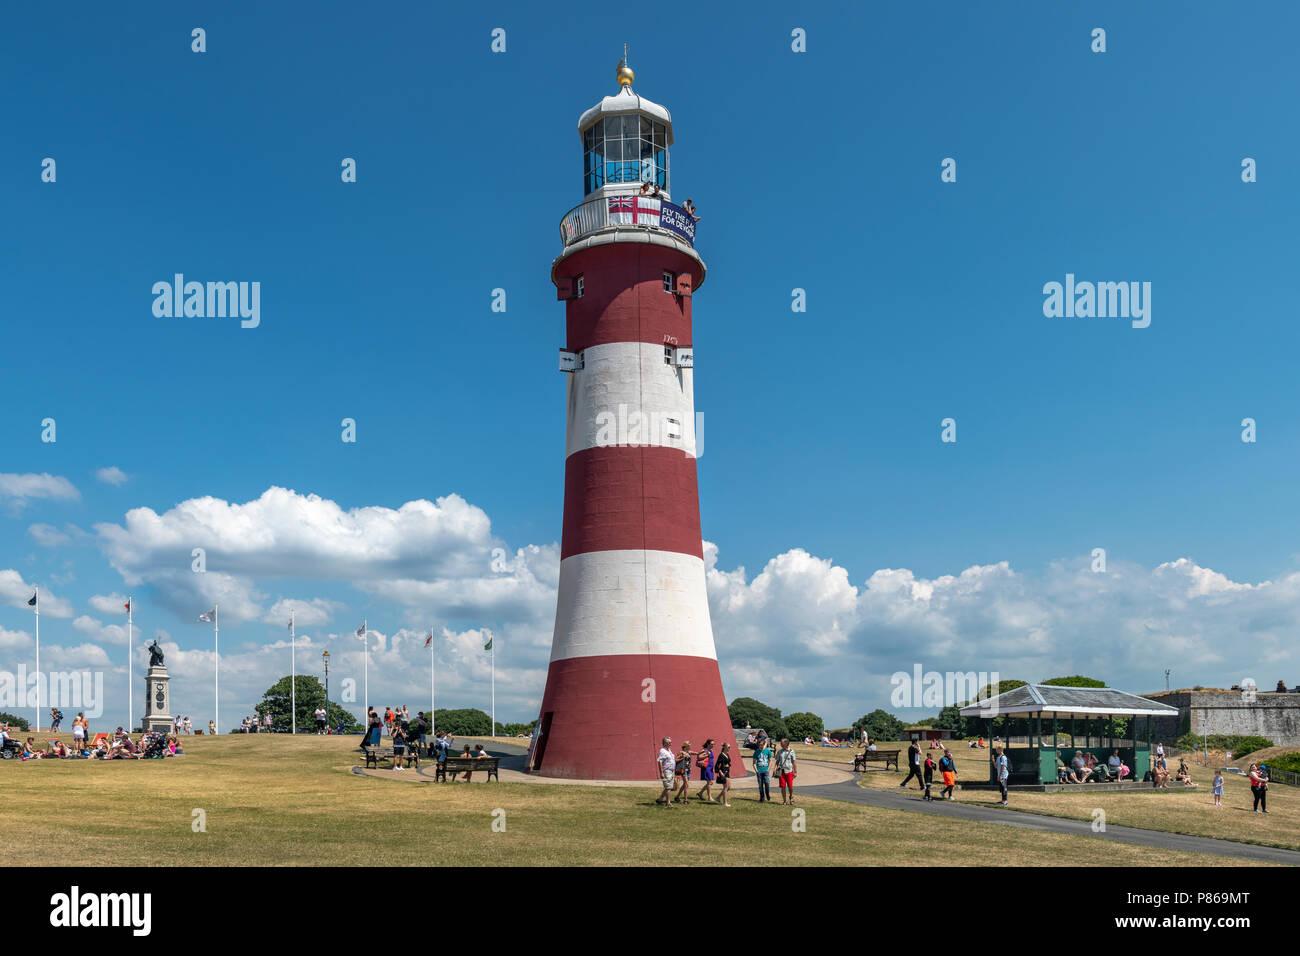 In ancora un altro giorno caldo in luglio, turisti girovagare Smeaton's Tower su Plymouth Hoe cerca qualsiasi ombra possono trovare, come le temperature nel Sud Immagini Stock